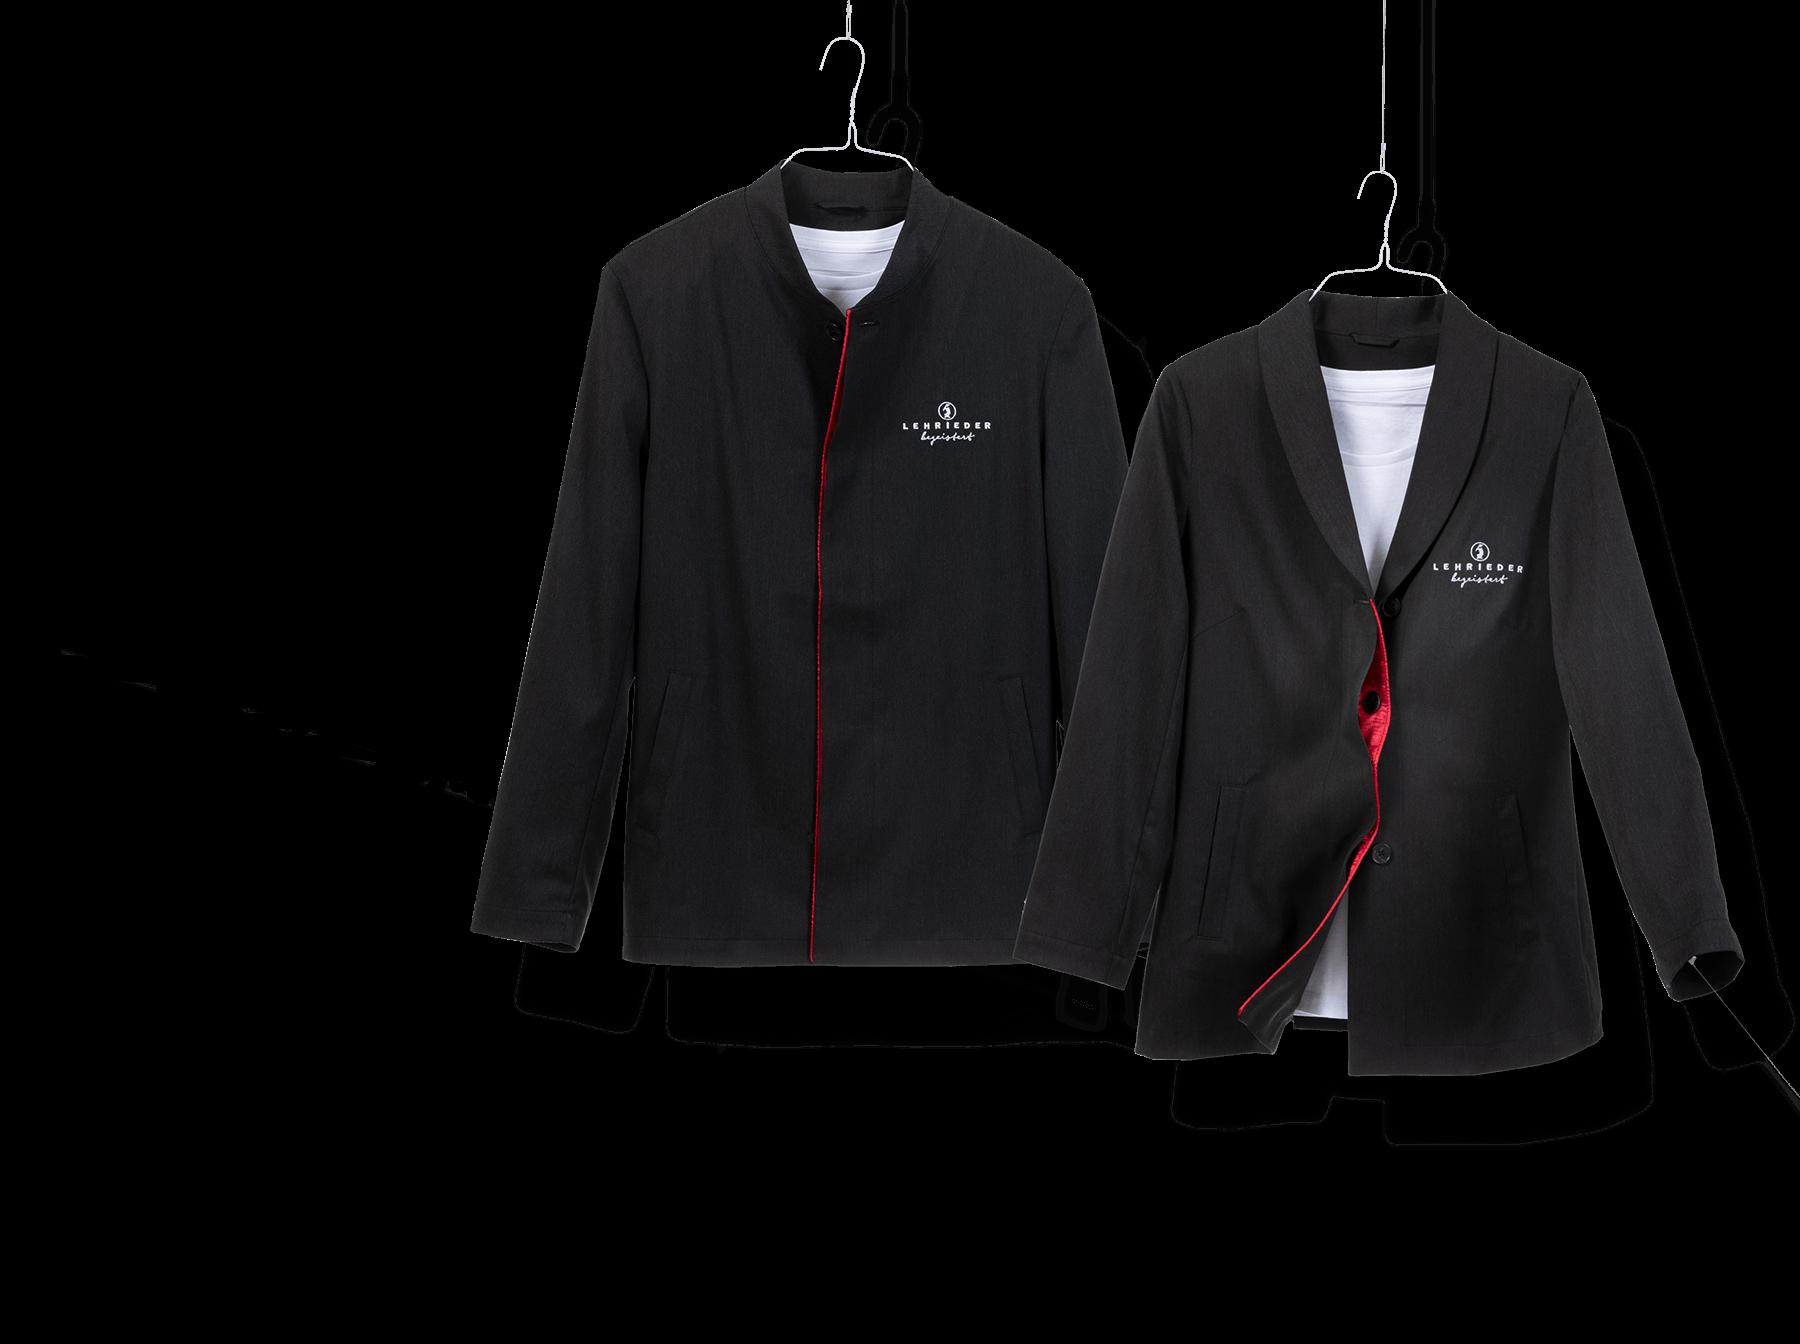 Lehrieder Servicebekleidung in schwarz als Sakko und Blazer